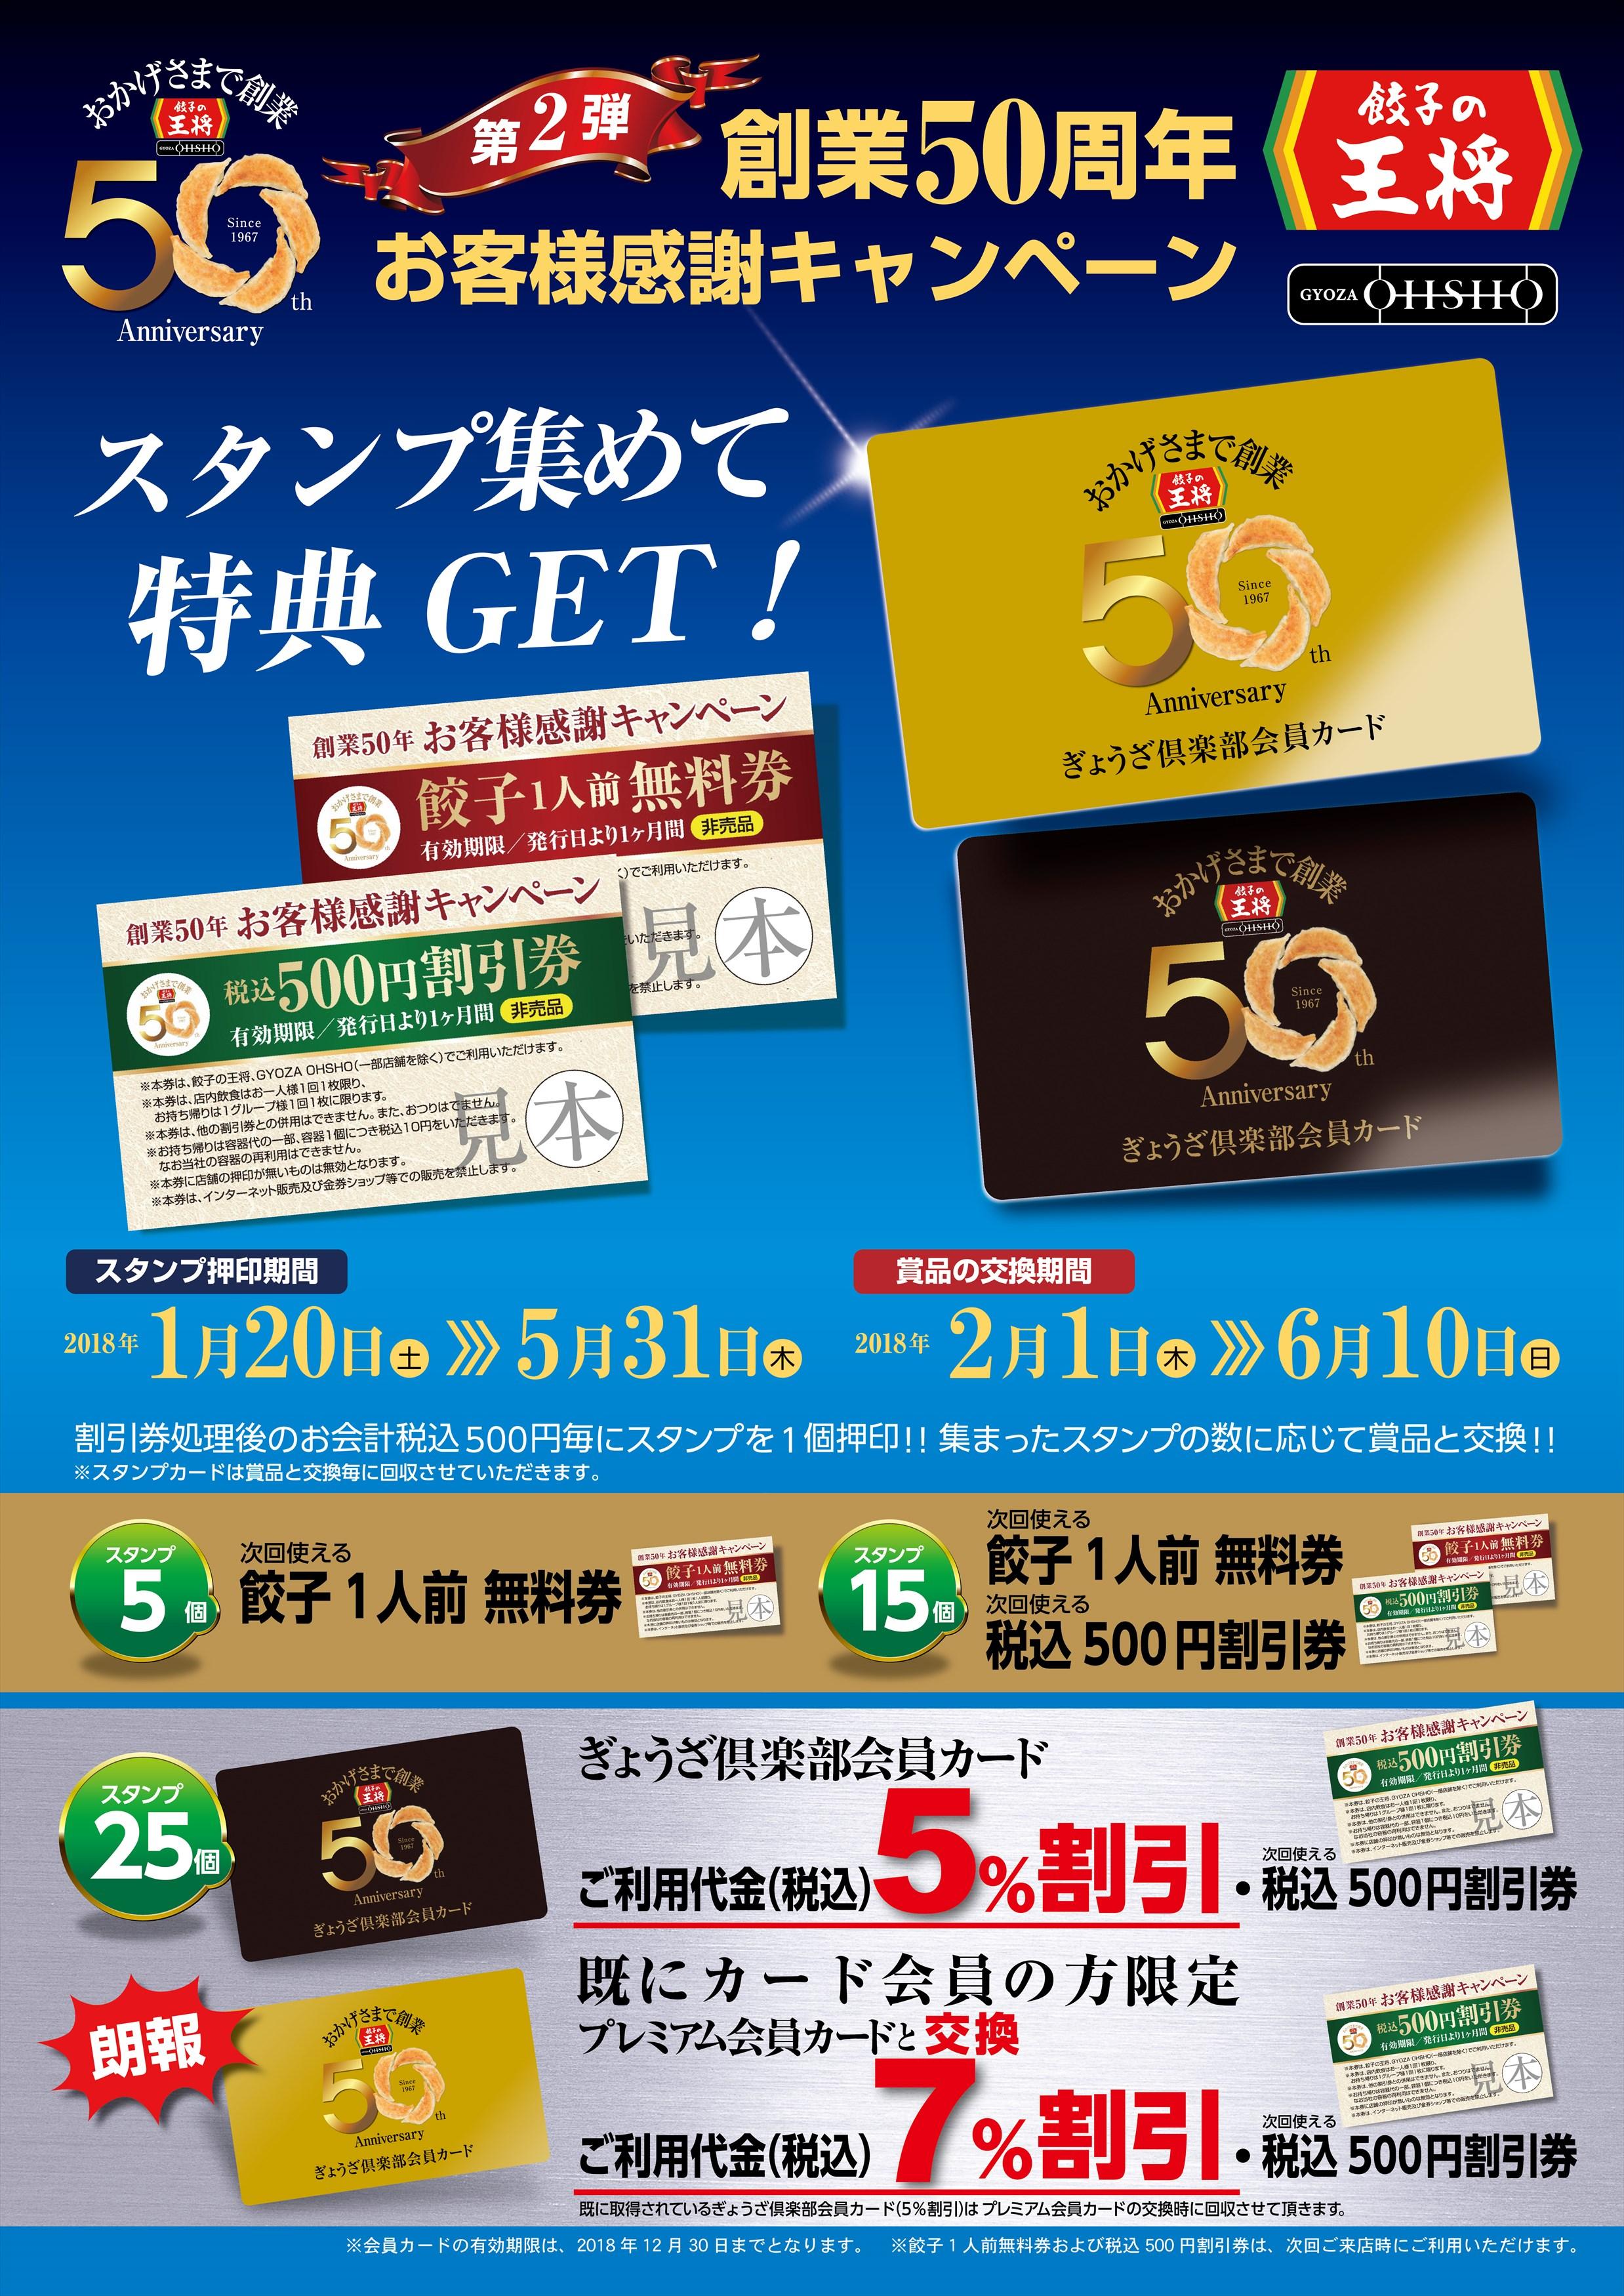 餃子の王将で7%割引のプレミアム会員カードが登場!「創業50周年お客様感謝キャンペーン第2弾」を開催